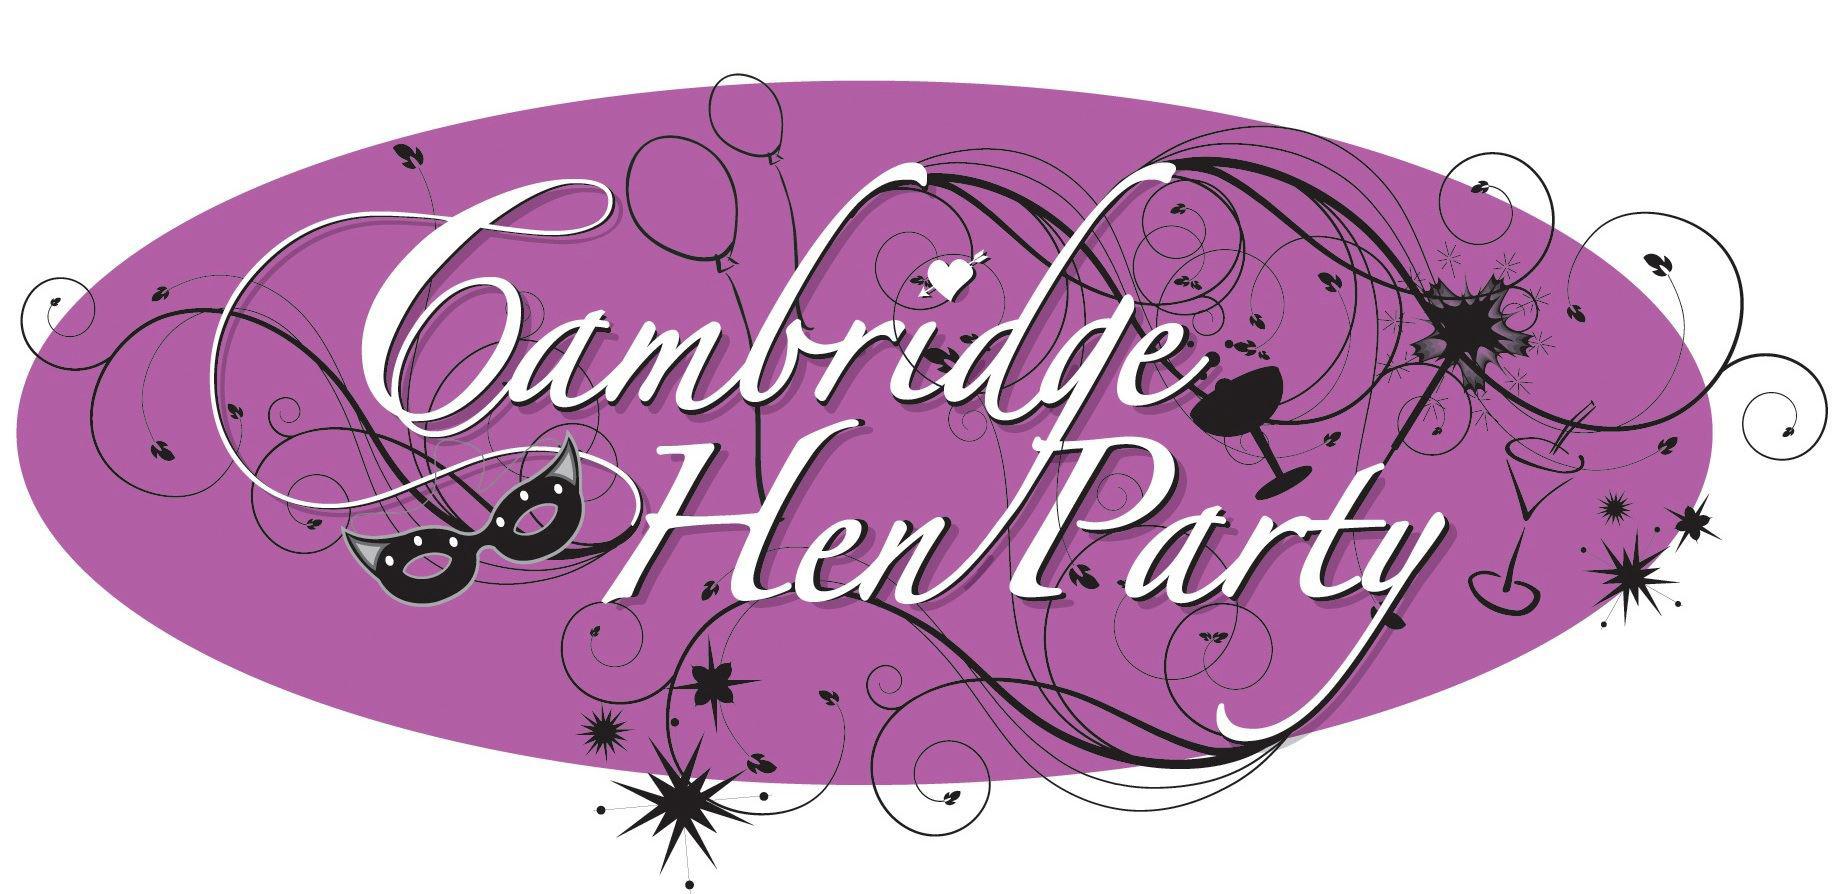 Cambridge Hen Party Logo